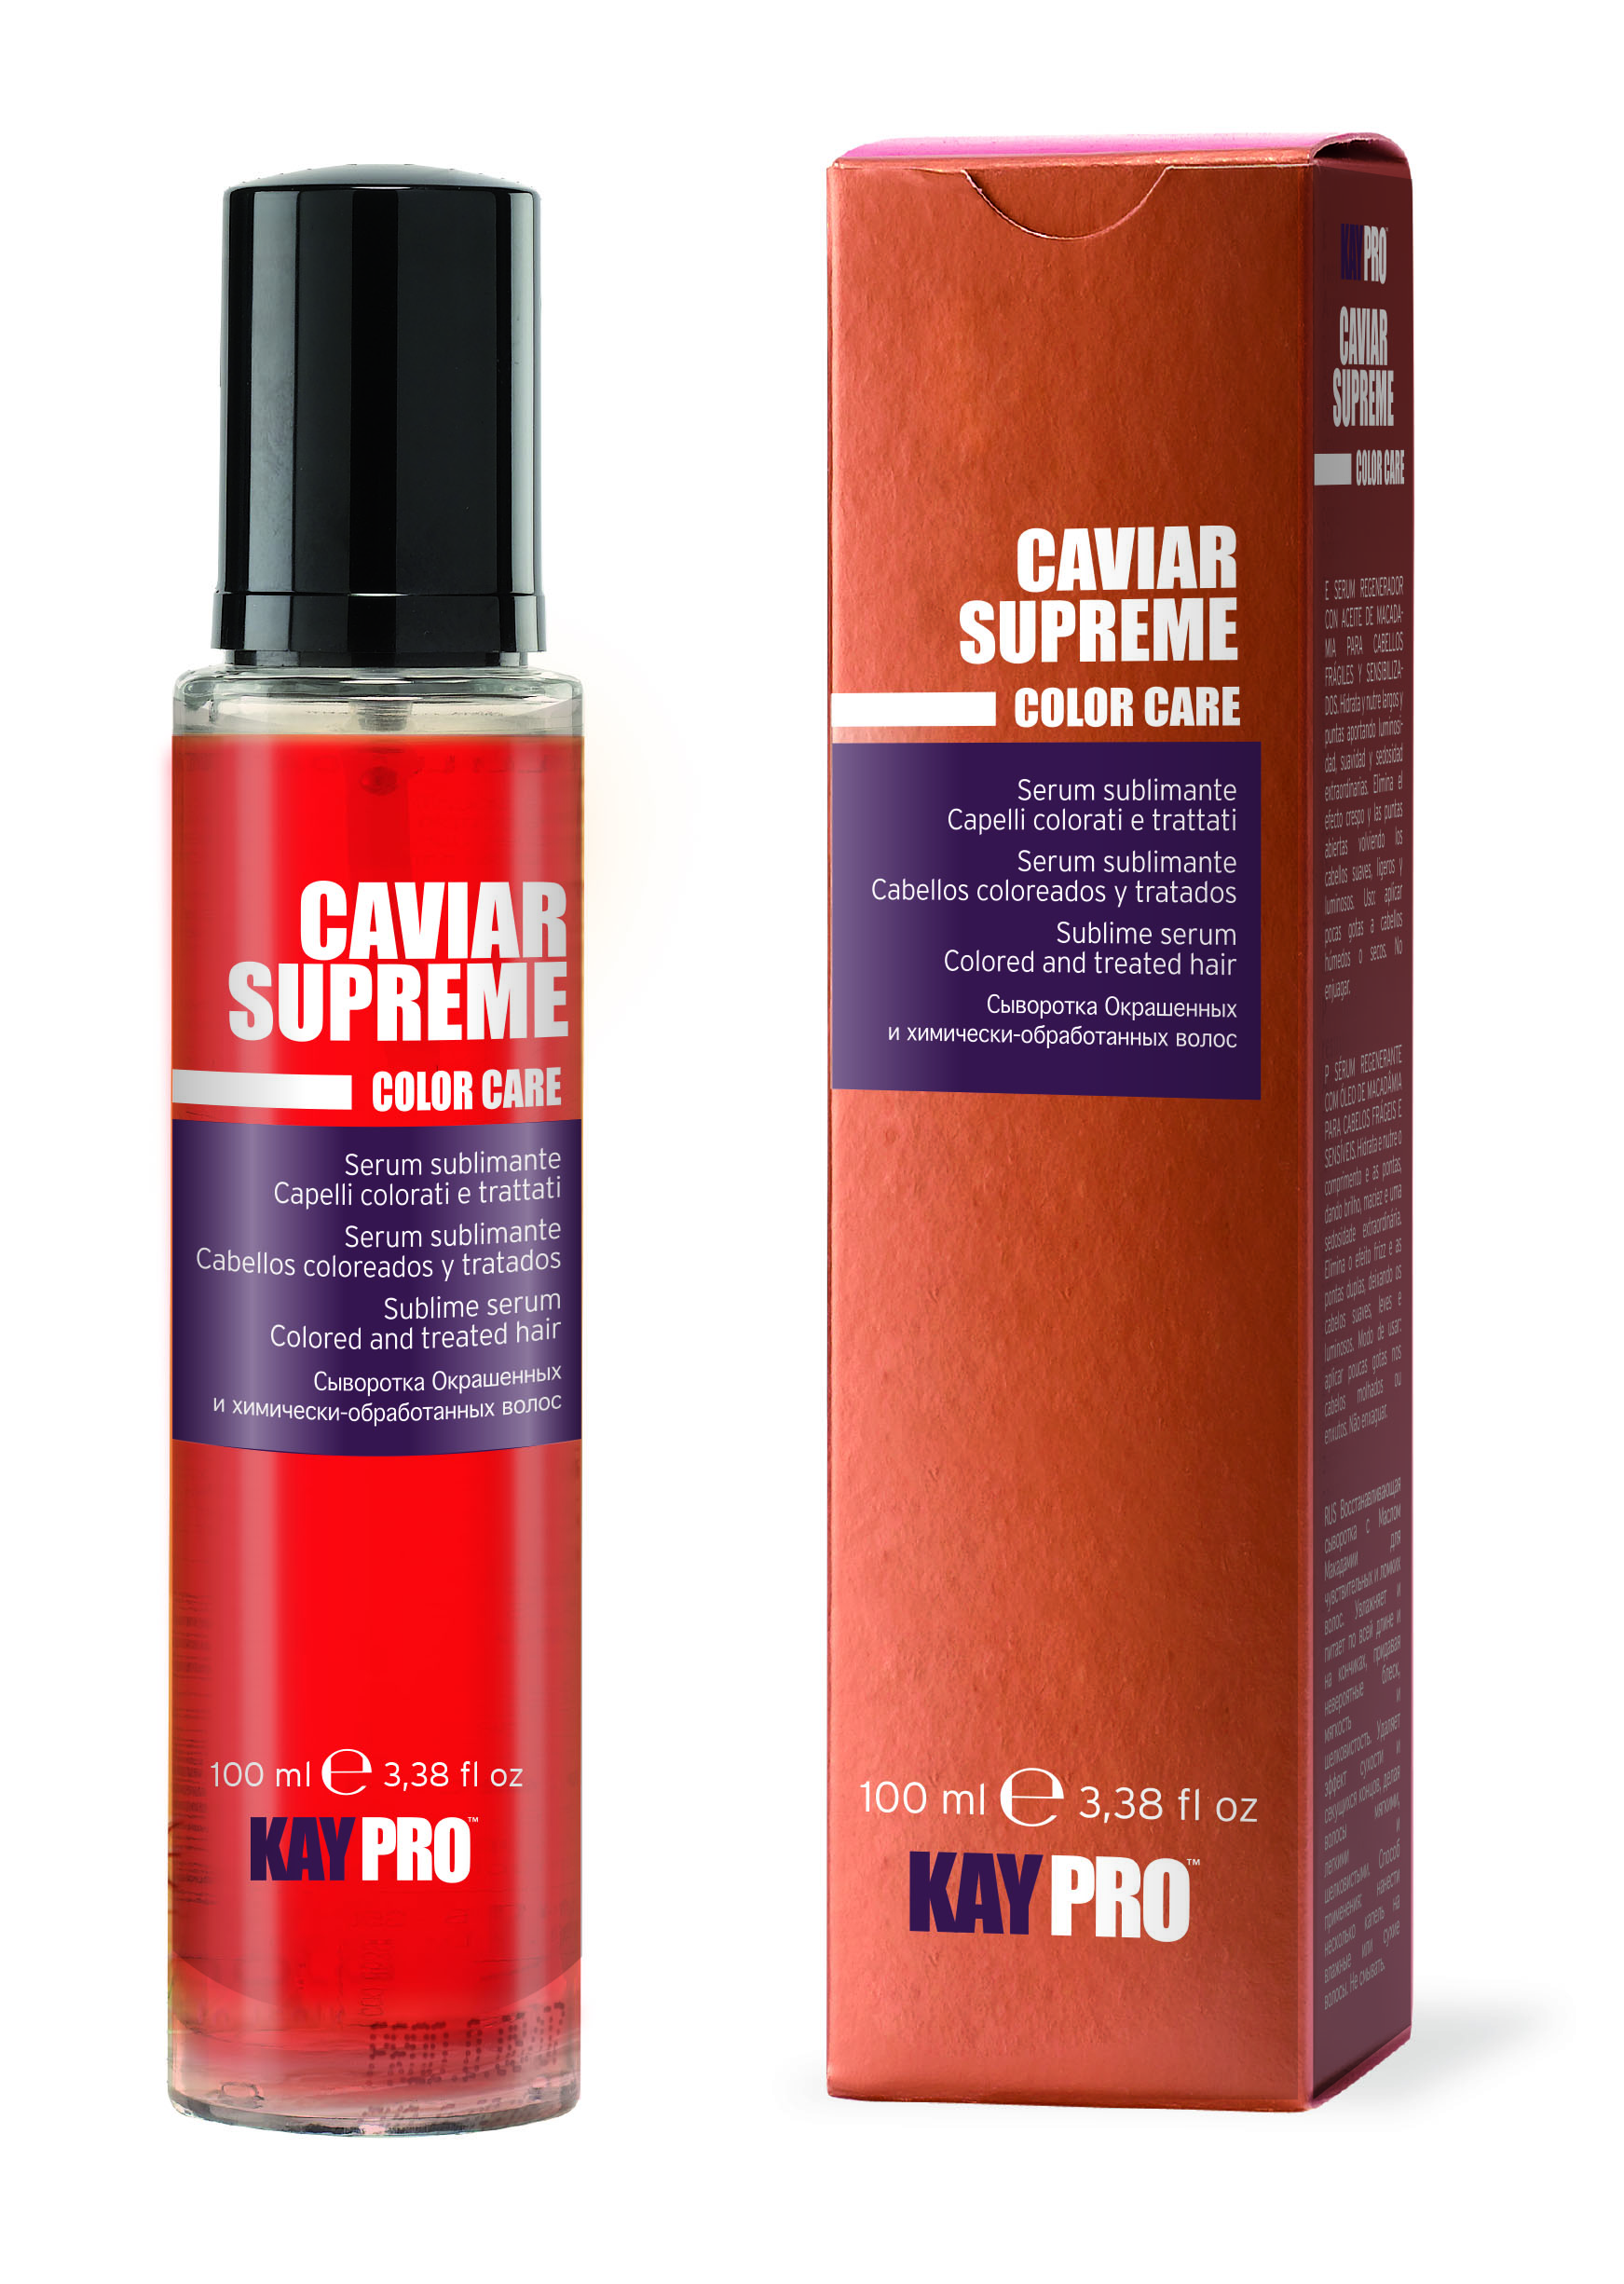 KAYPRO Сыворотка с икрой для окрашенных и химически-обработанных волос / KAYPRO 100мл